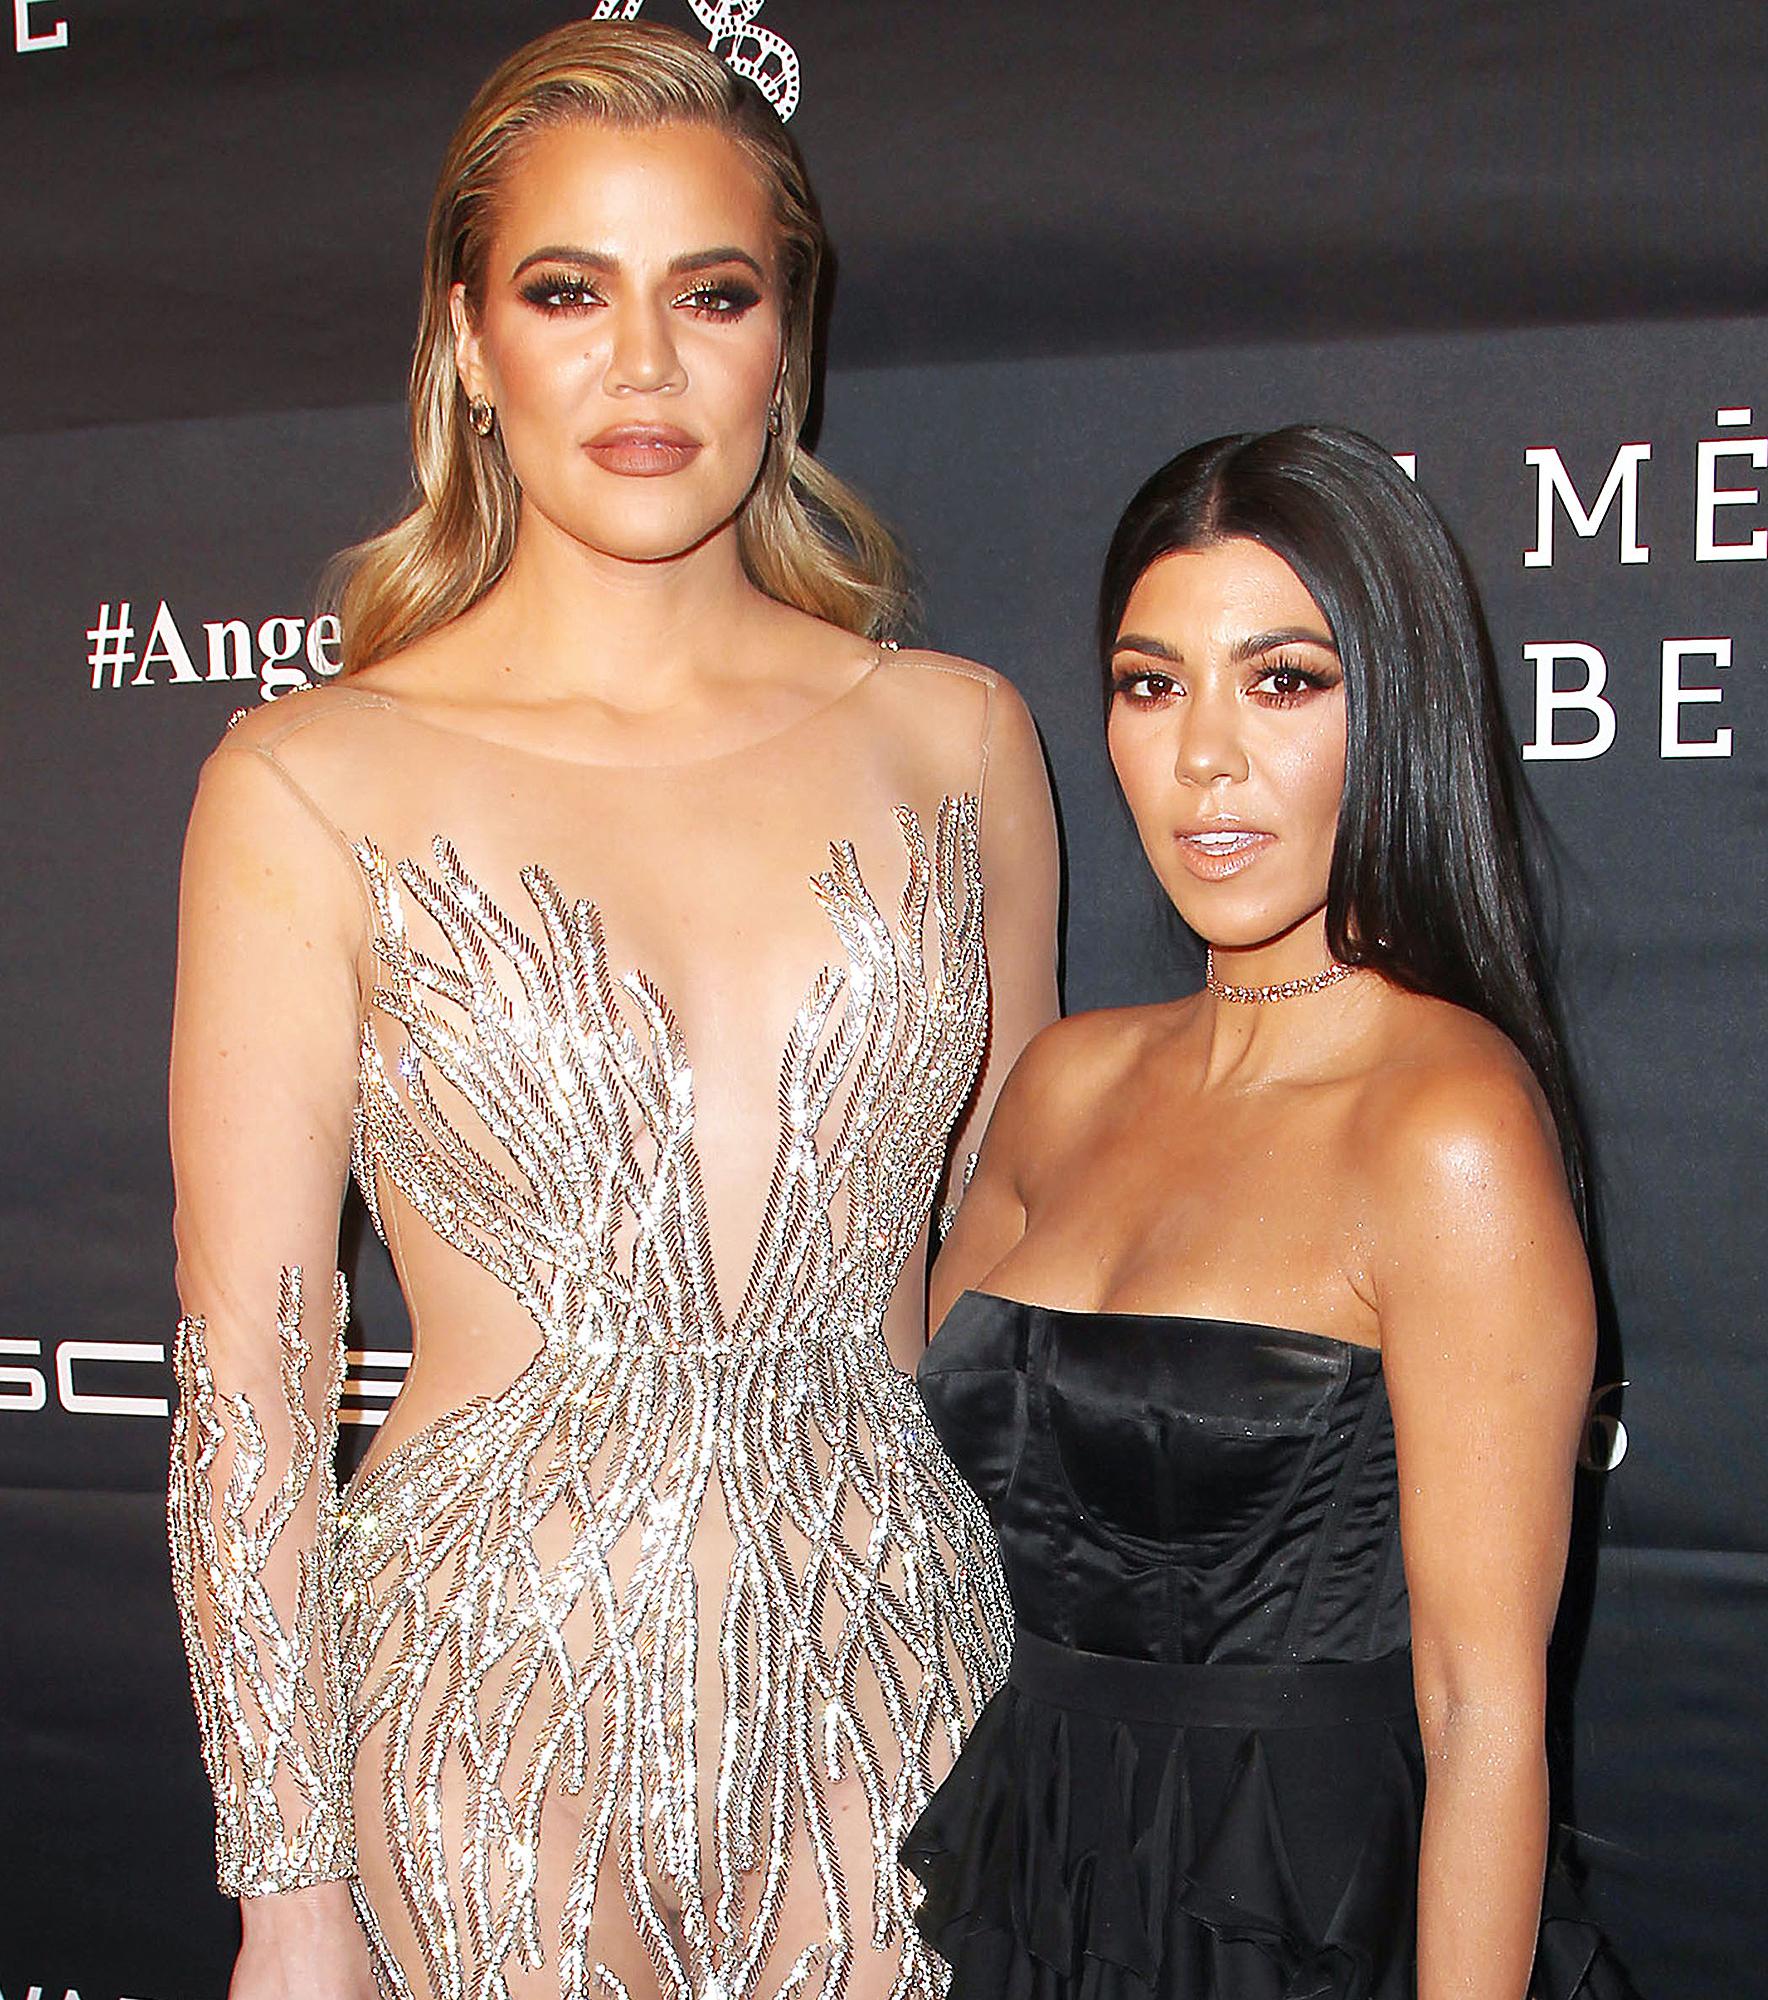 Khloe Kardashian Kourtney Kardashian Stun in Epic Bikini Pic 1